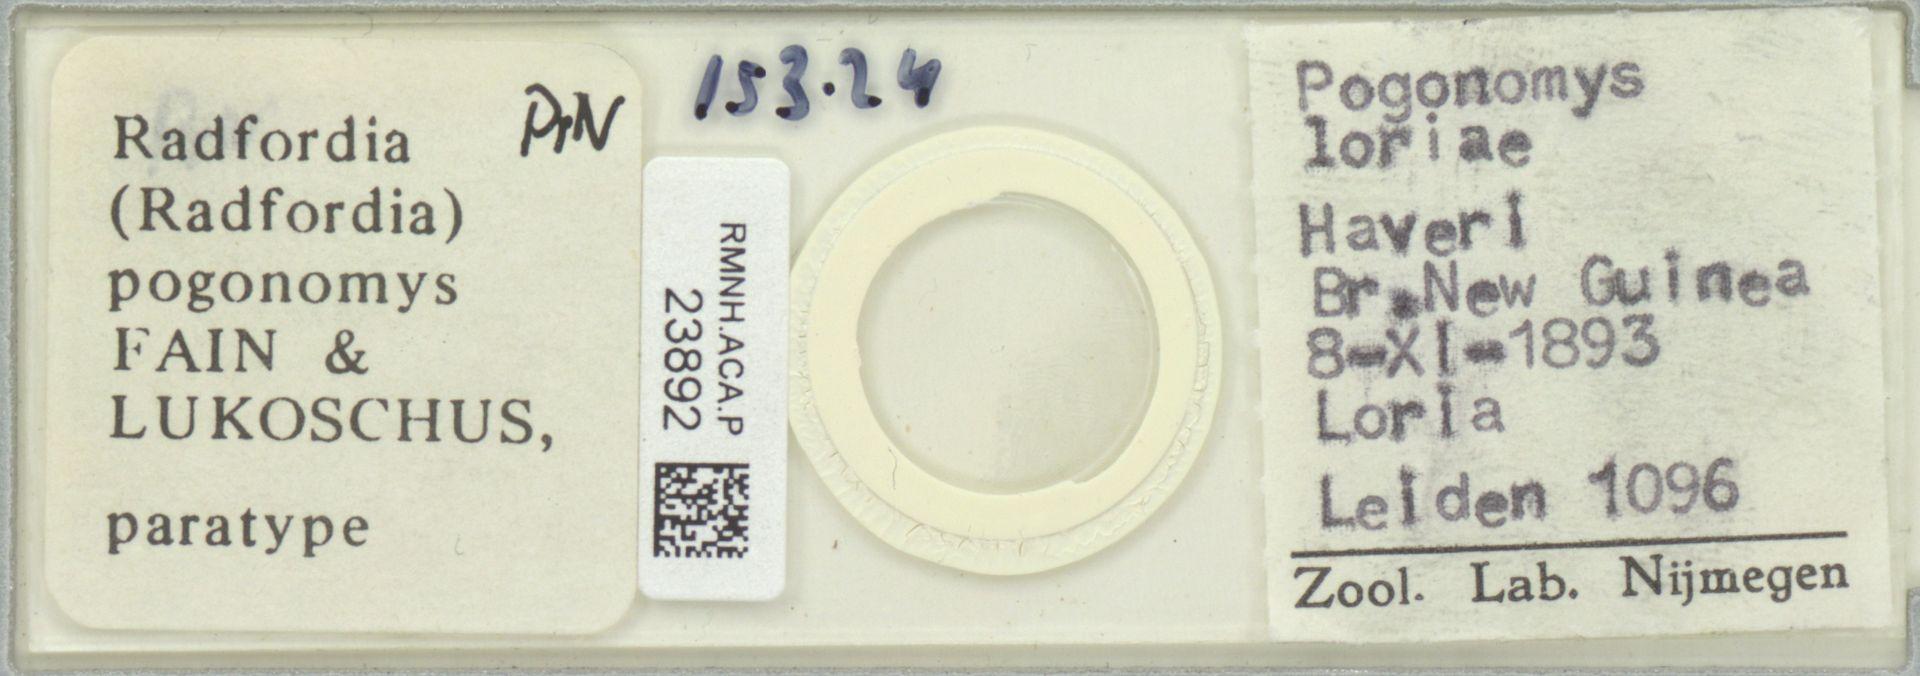 RMNH.ACA.P.23892 | Radfordia (Radfordia) pogonomys Fain & Lukoschus